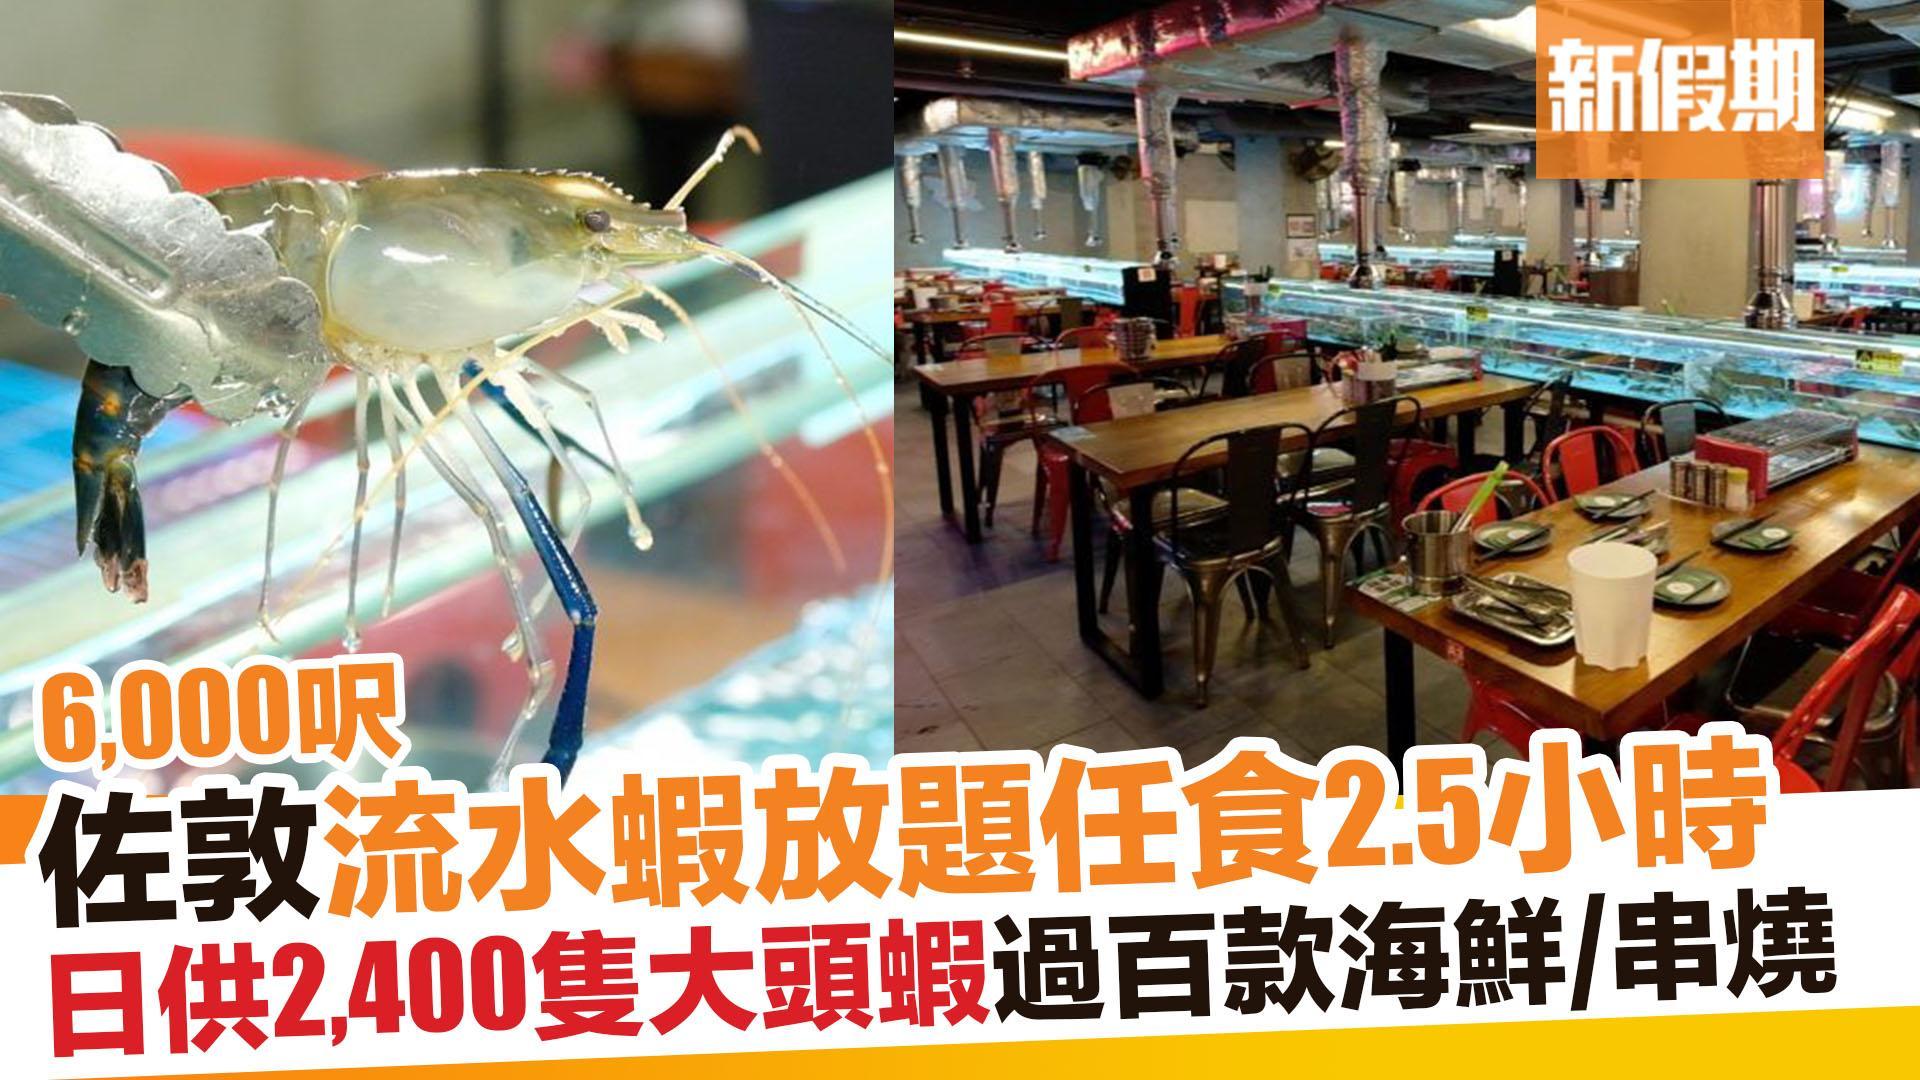 【區區搵食】佐敦「蝦蝦燒」即夾即燒流水蝦串燒放題!佔地6,000呎 全場100款海鮮串燒任食150分鐘 新假期